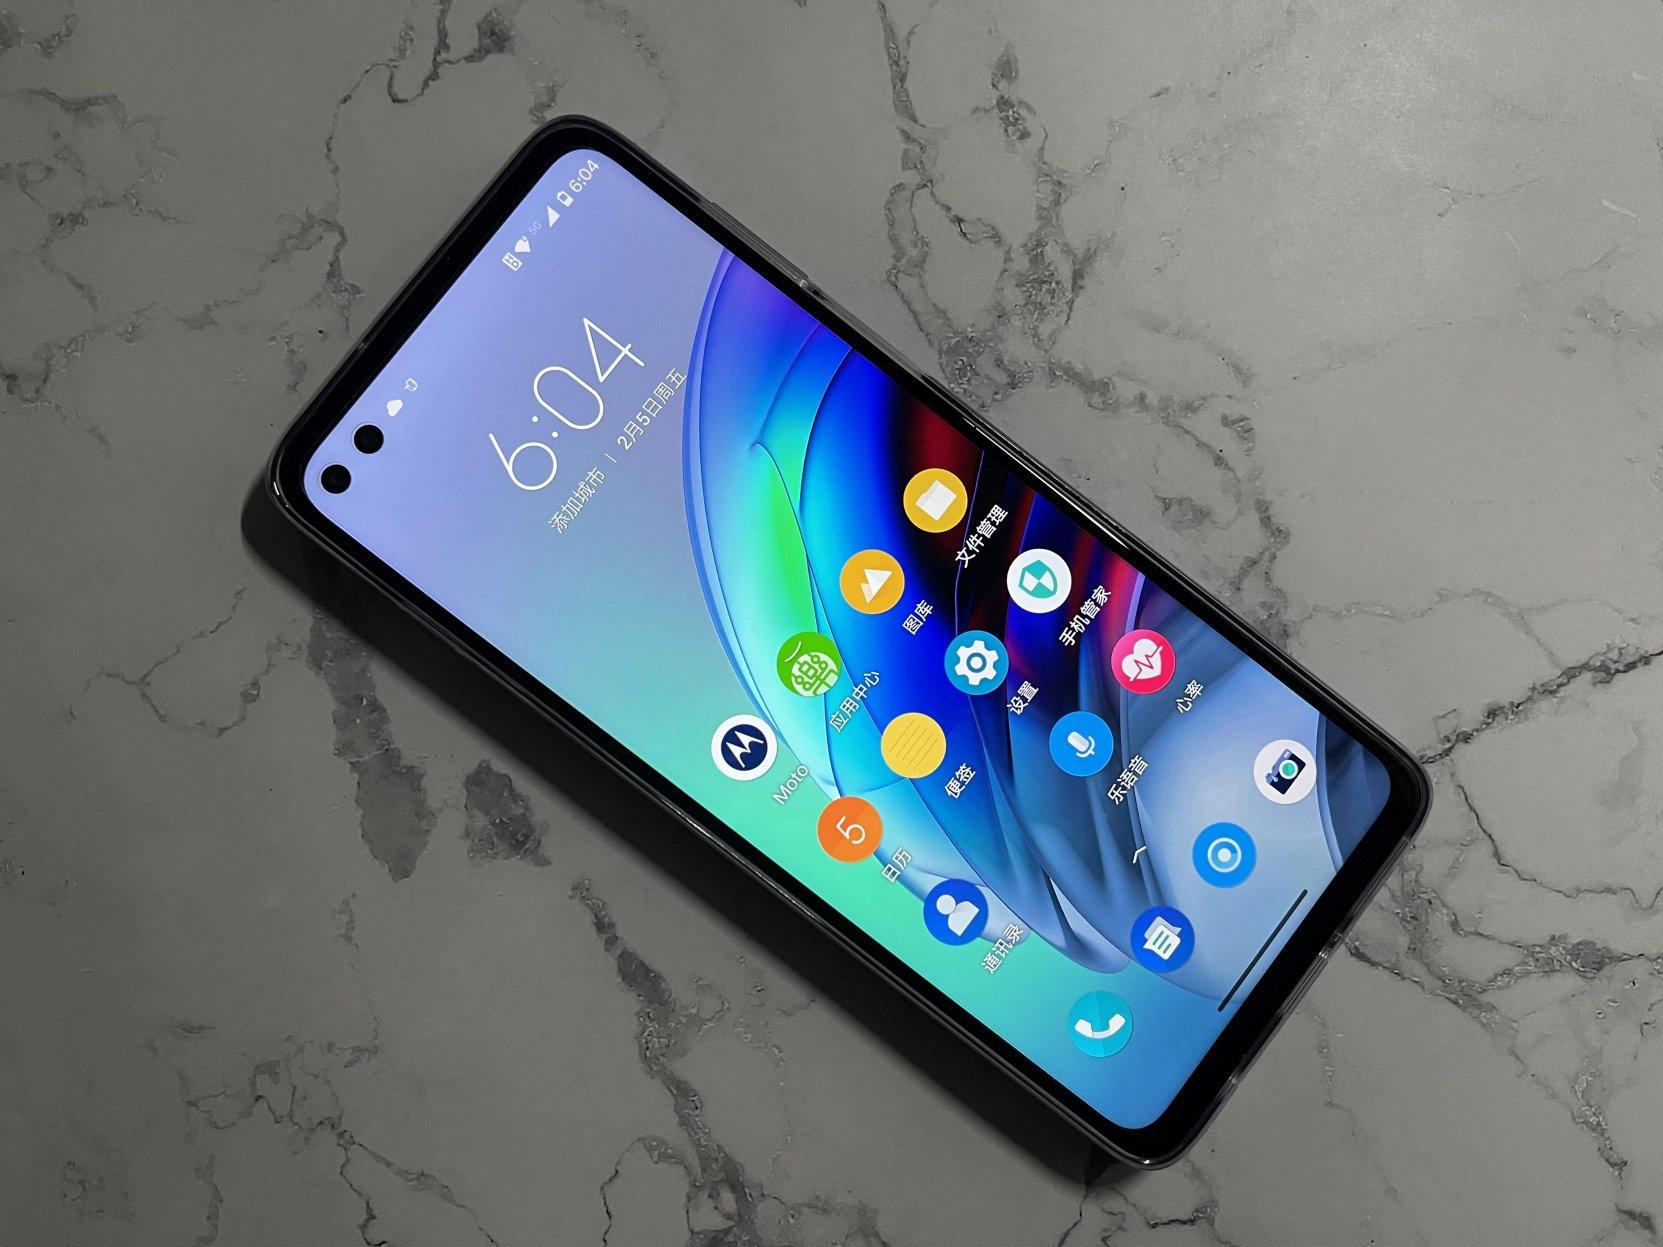 摩托罗拉edge s手机,性价比很高的热门款